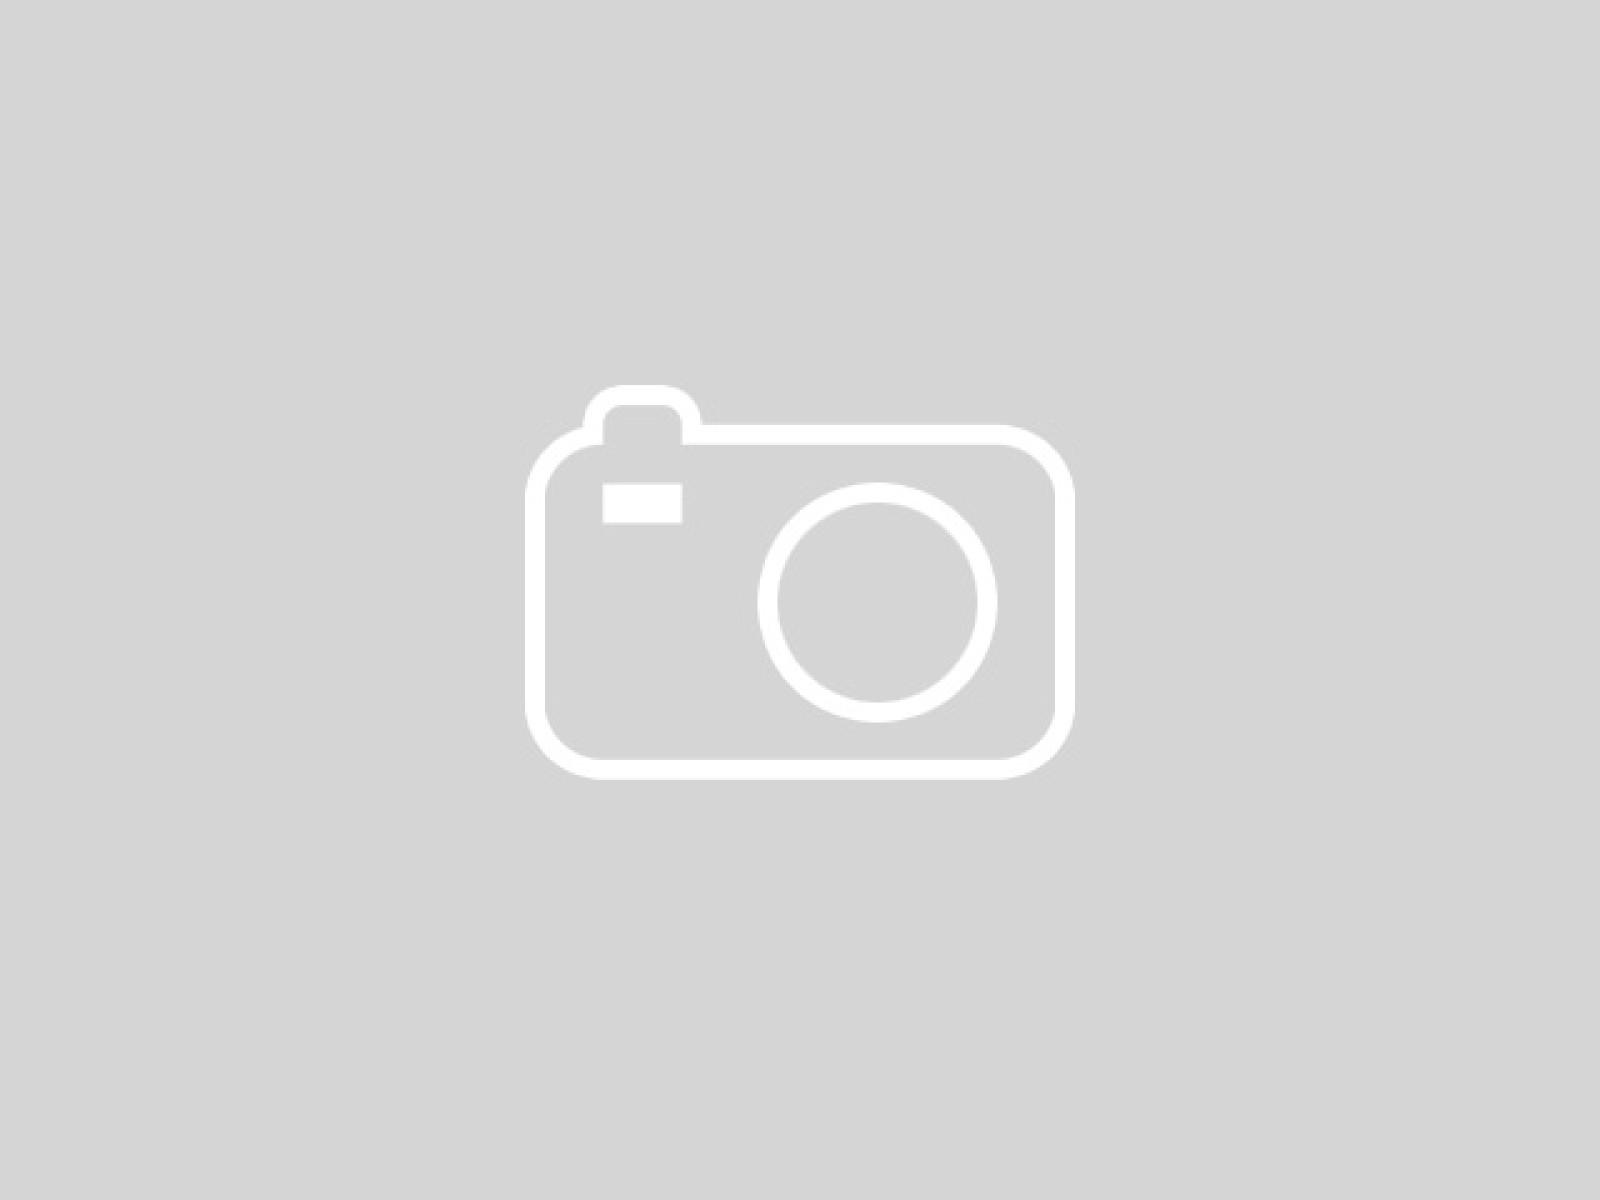 New 2022 Hyundai Tucson Essential AWD